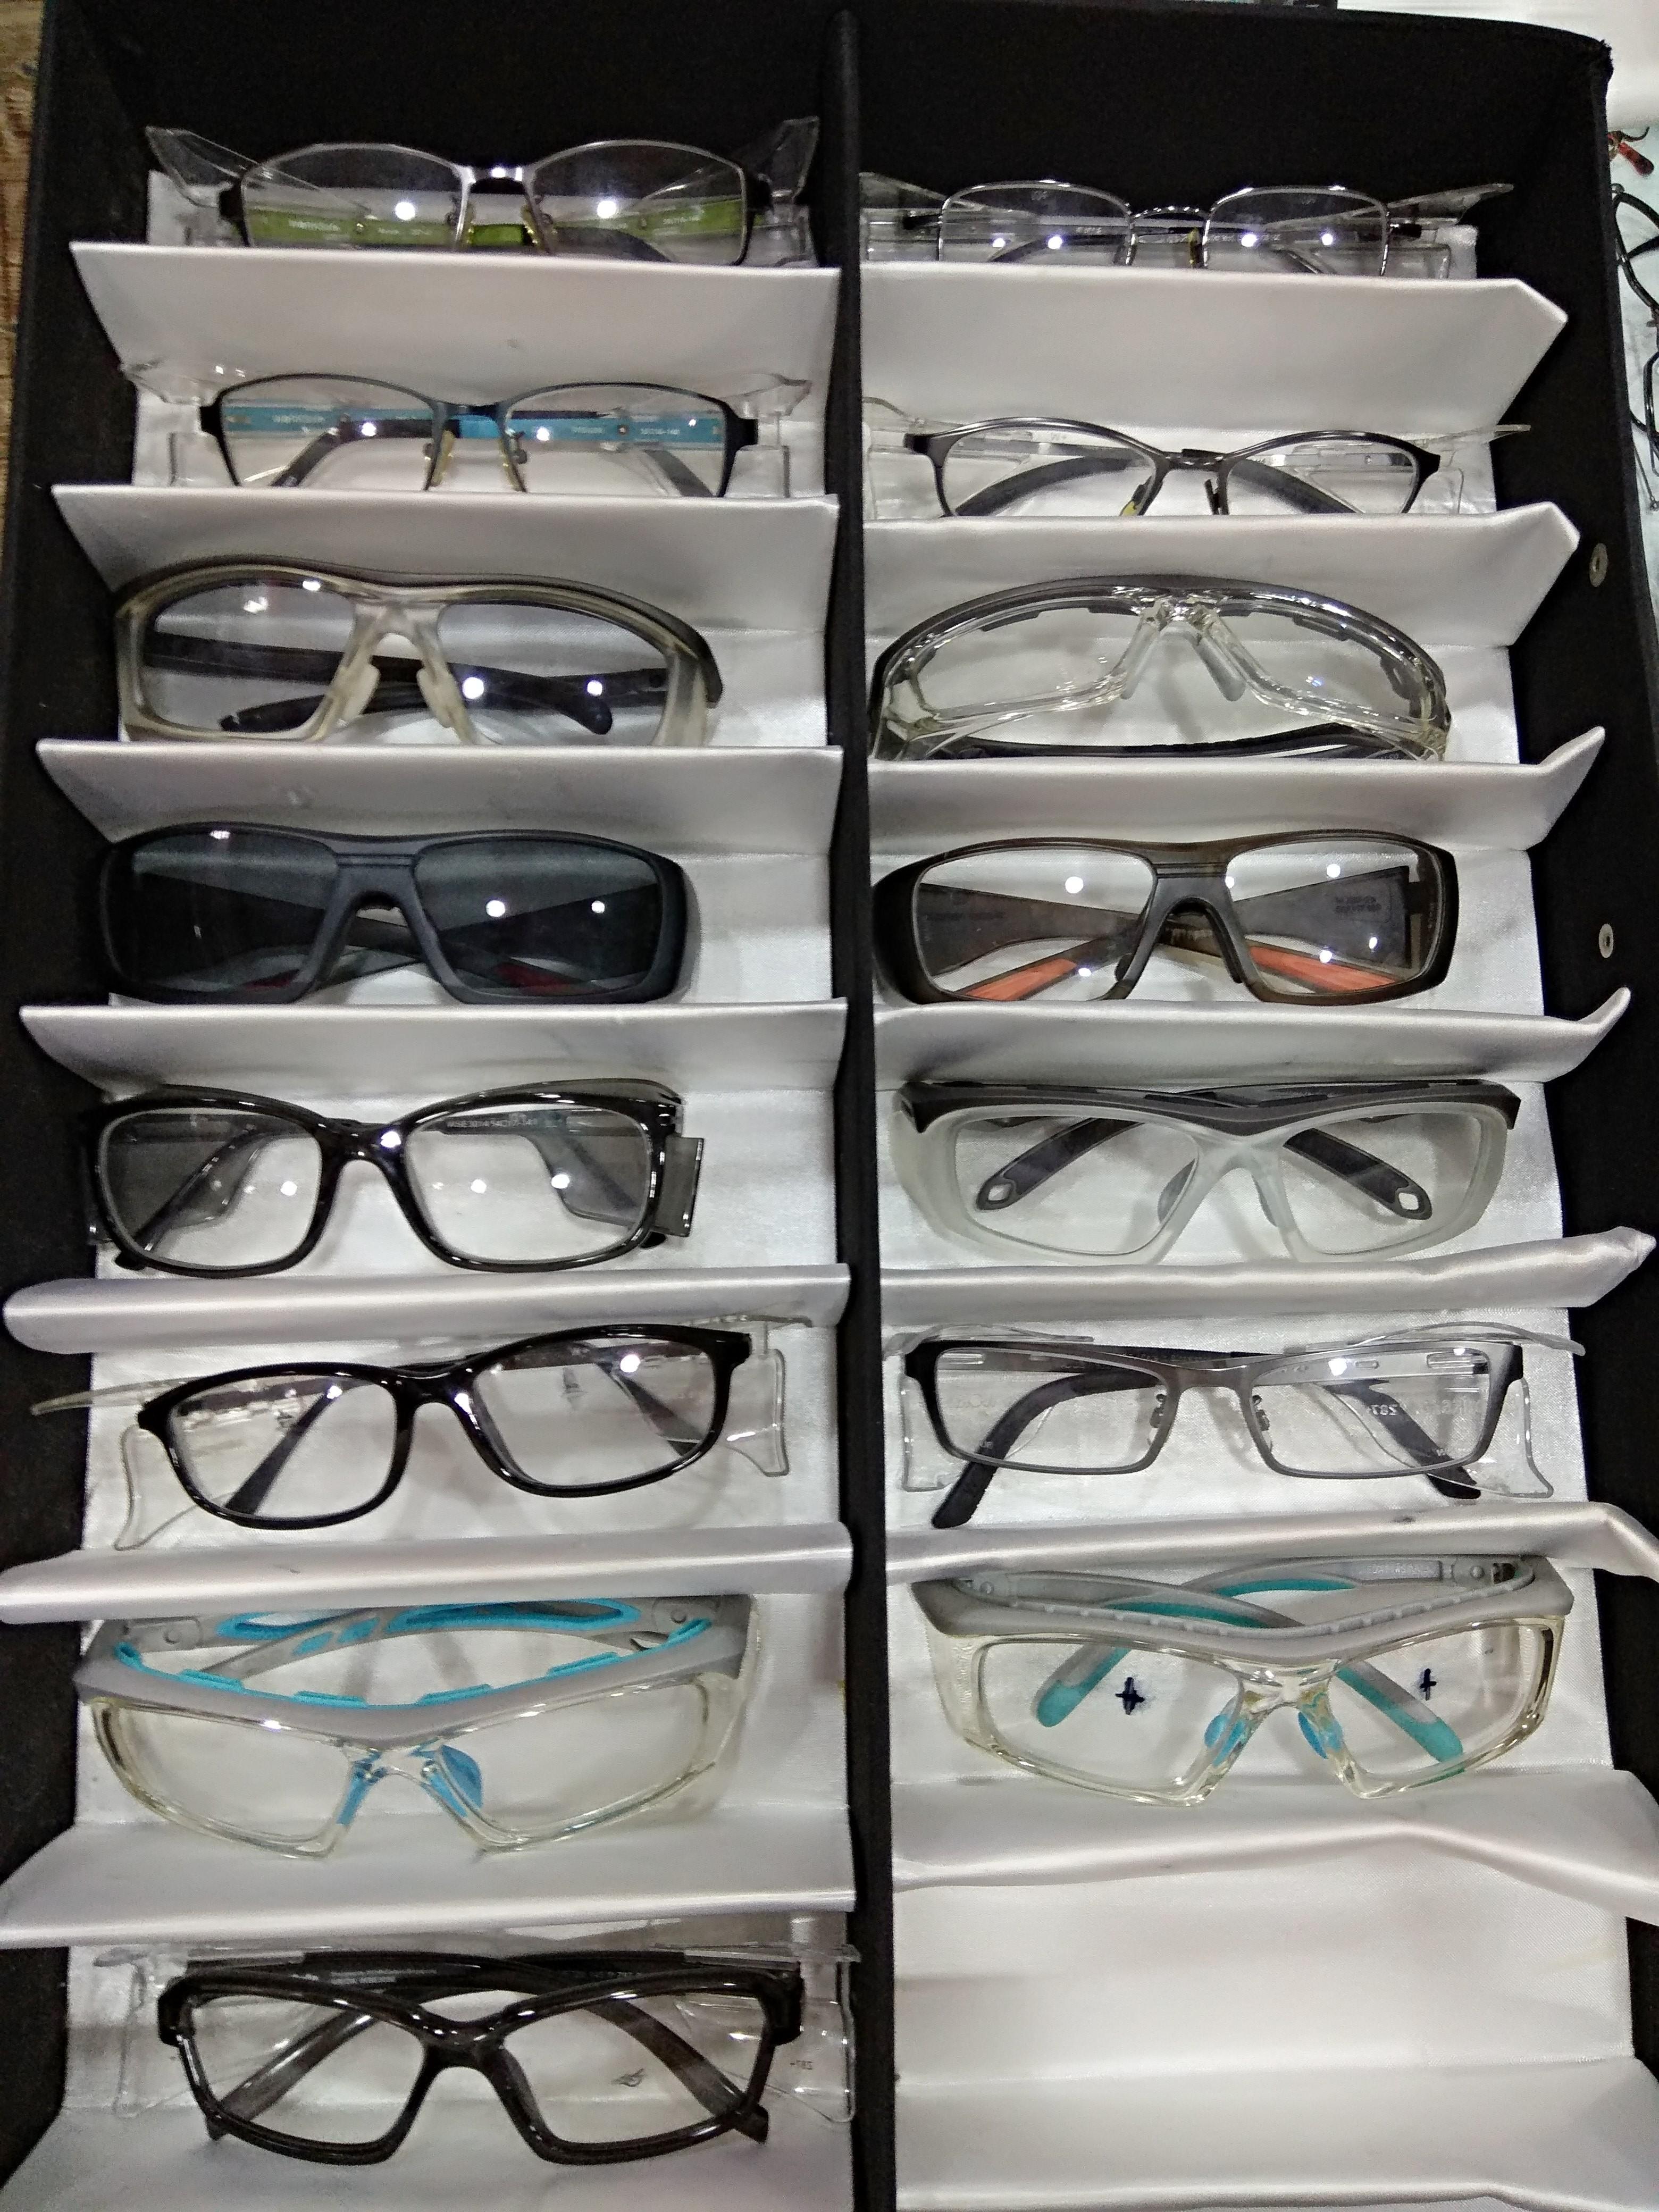 42b0c5b0072d 10 + 1)Group Worksafe safety frame + safety prescription lens ...